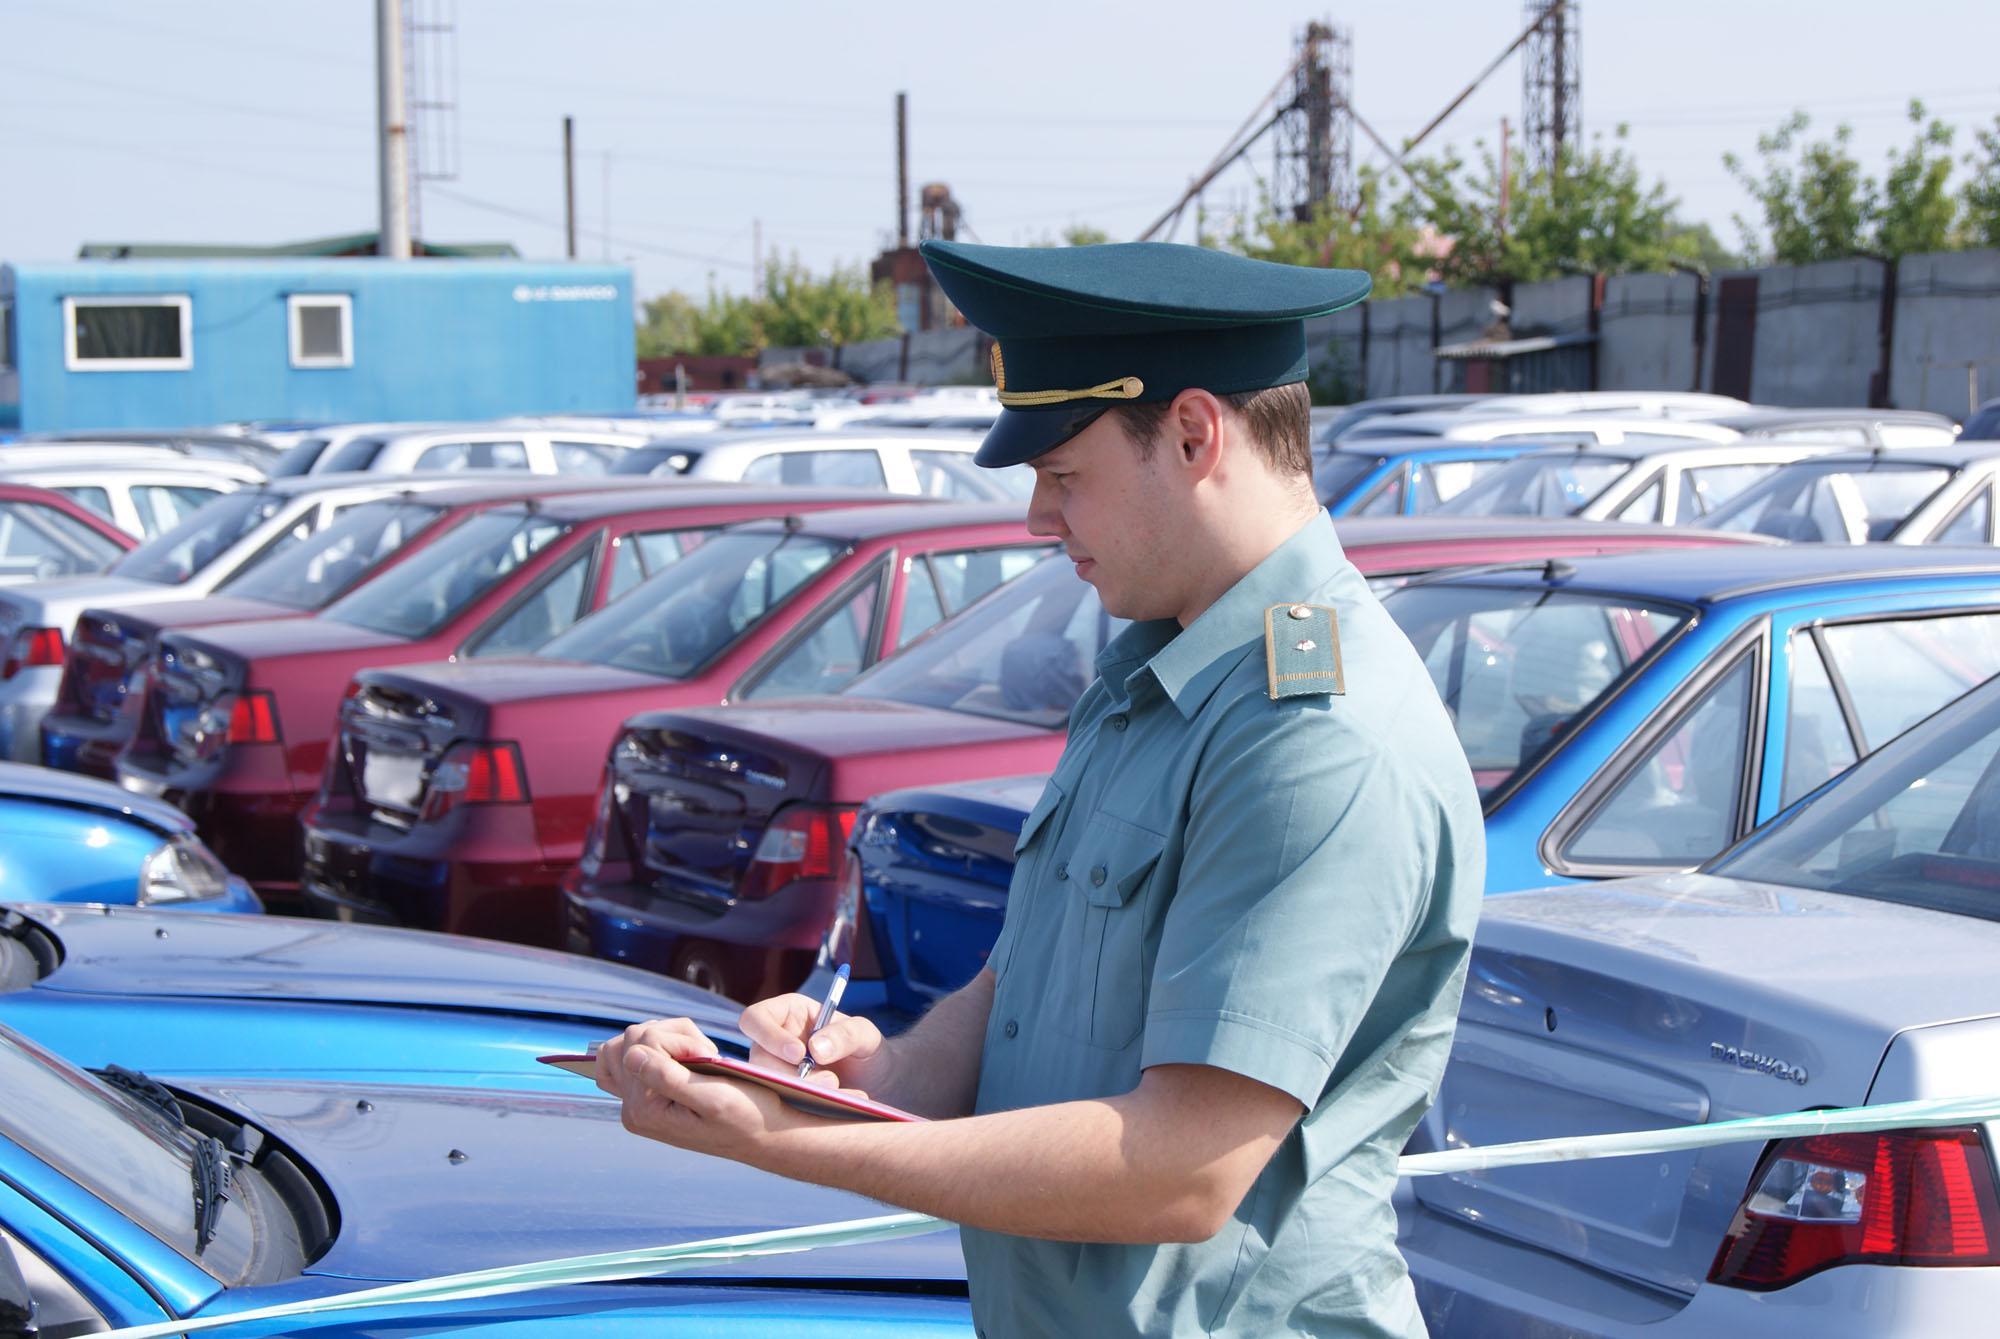 Эксперты посчитали, на сколько подорожают автомобили в случае запрета импорта - TKS.RU